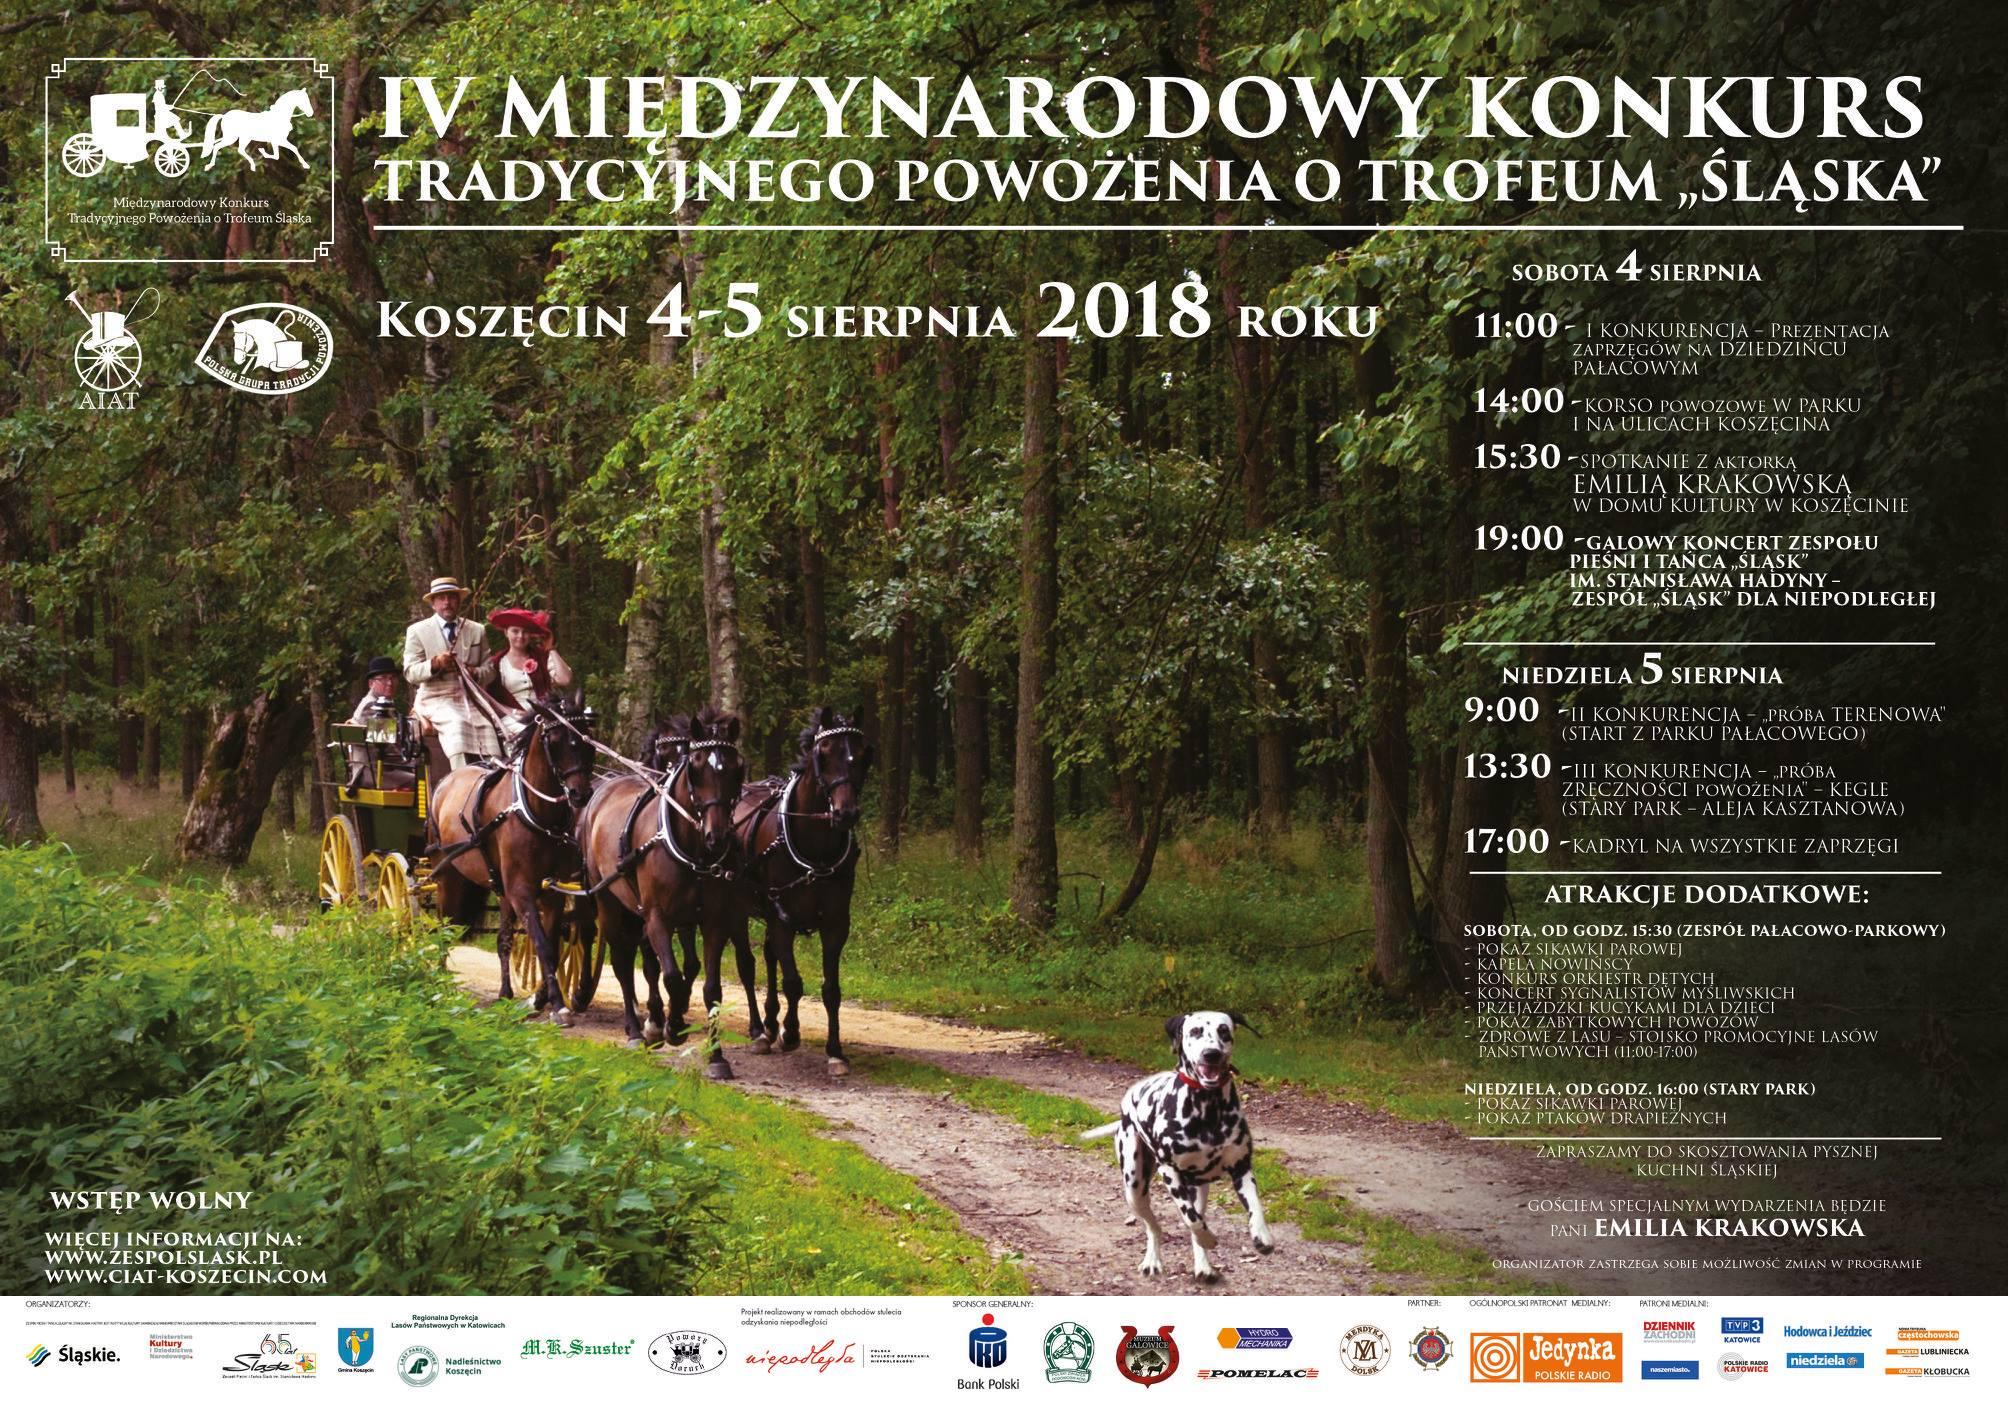 IV Międzynarodowy Konkurs Tradycyjnego Powożenia o Trofeum Śląska 4-5 sierpnia 2018